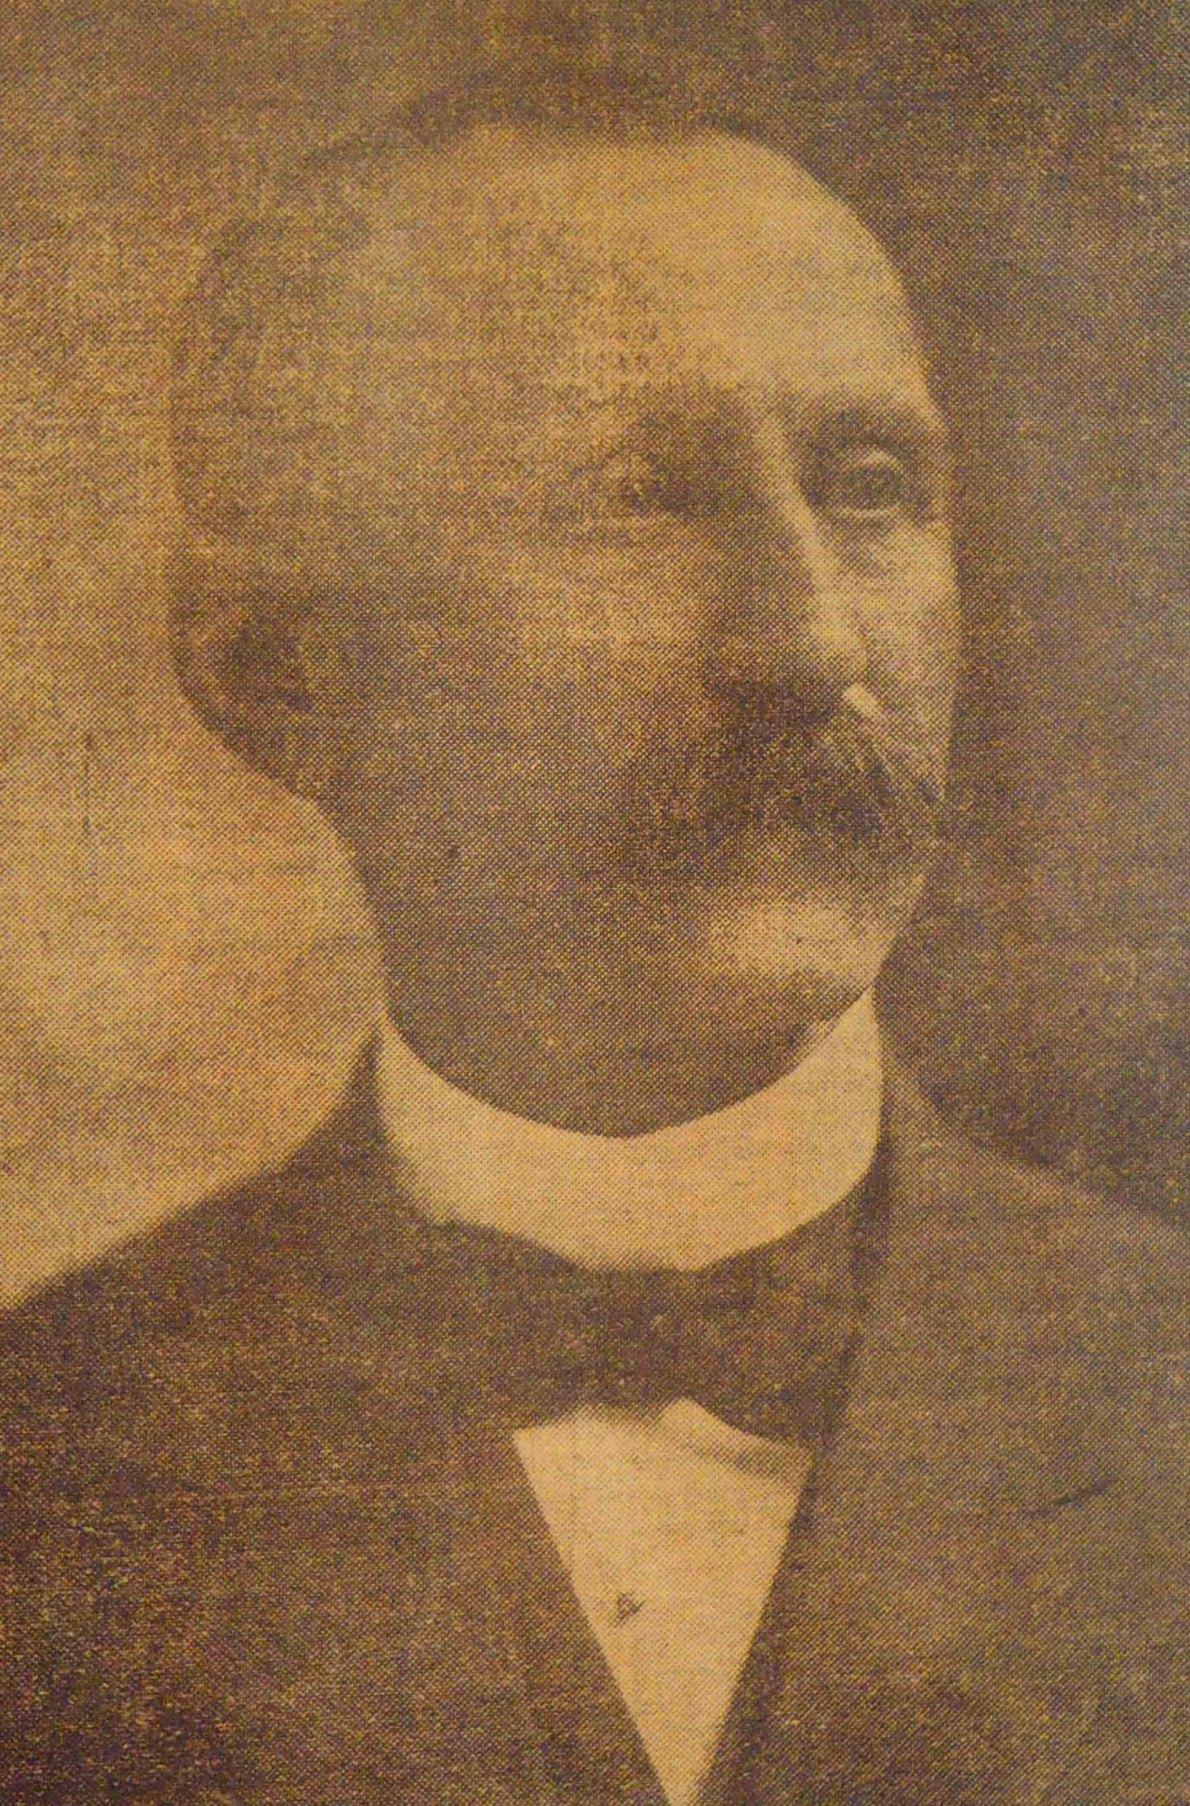 Simon Leiser circa 1910